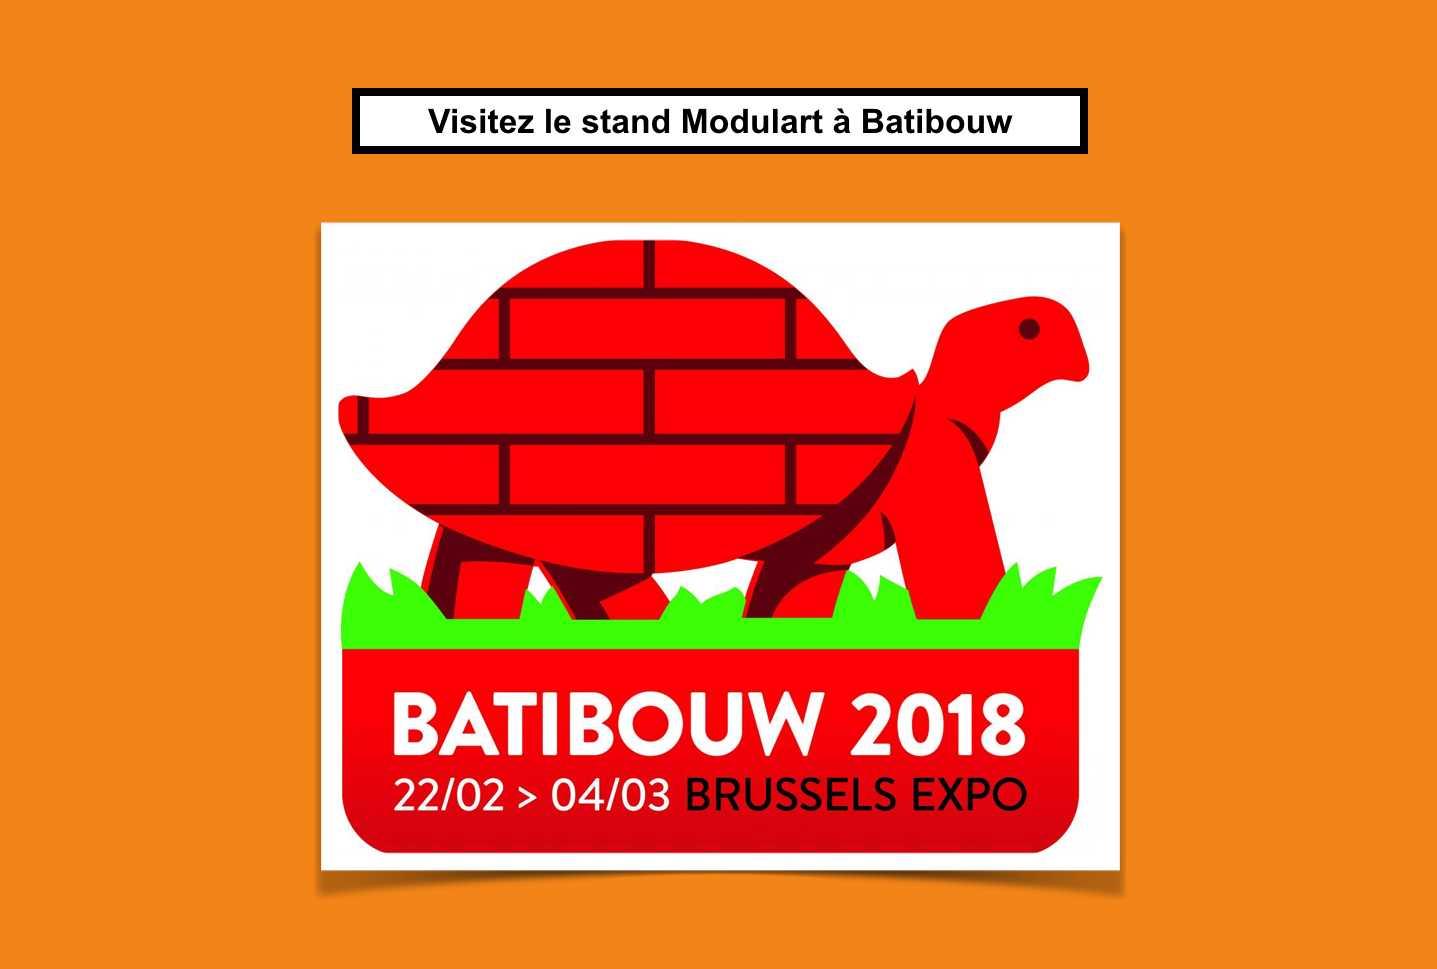 batibouw-modulart